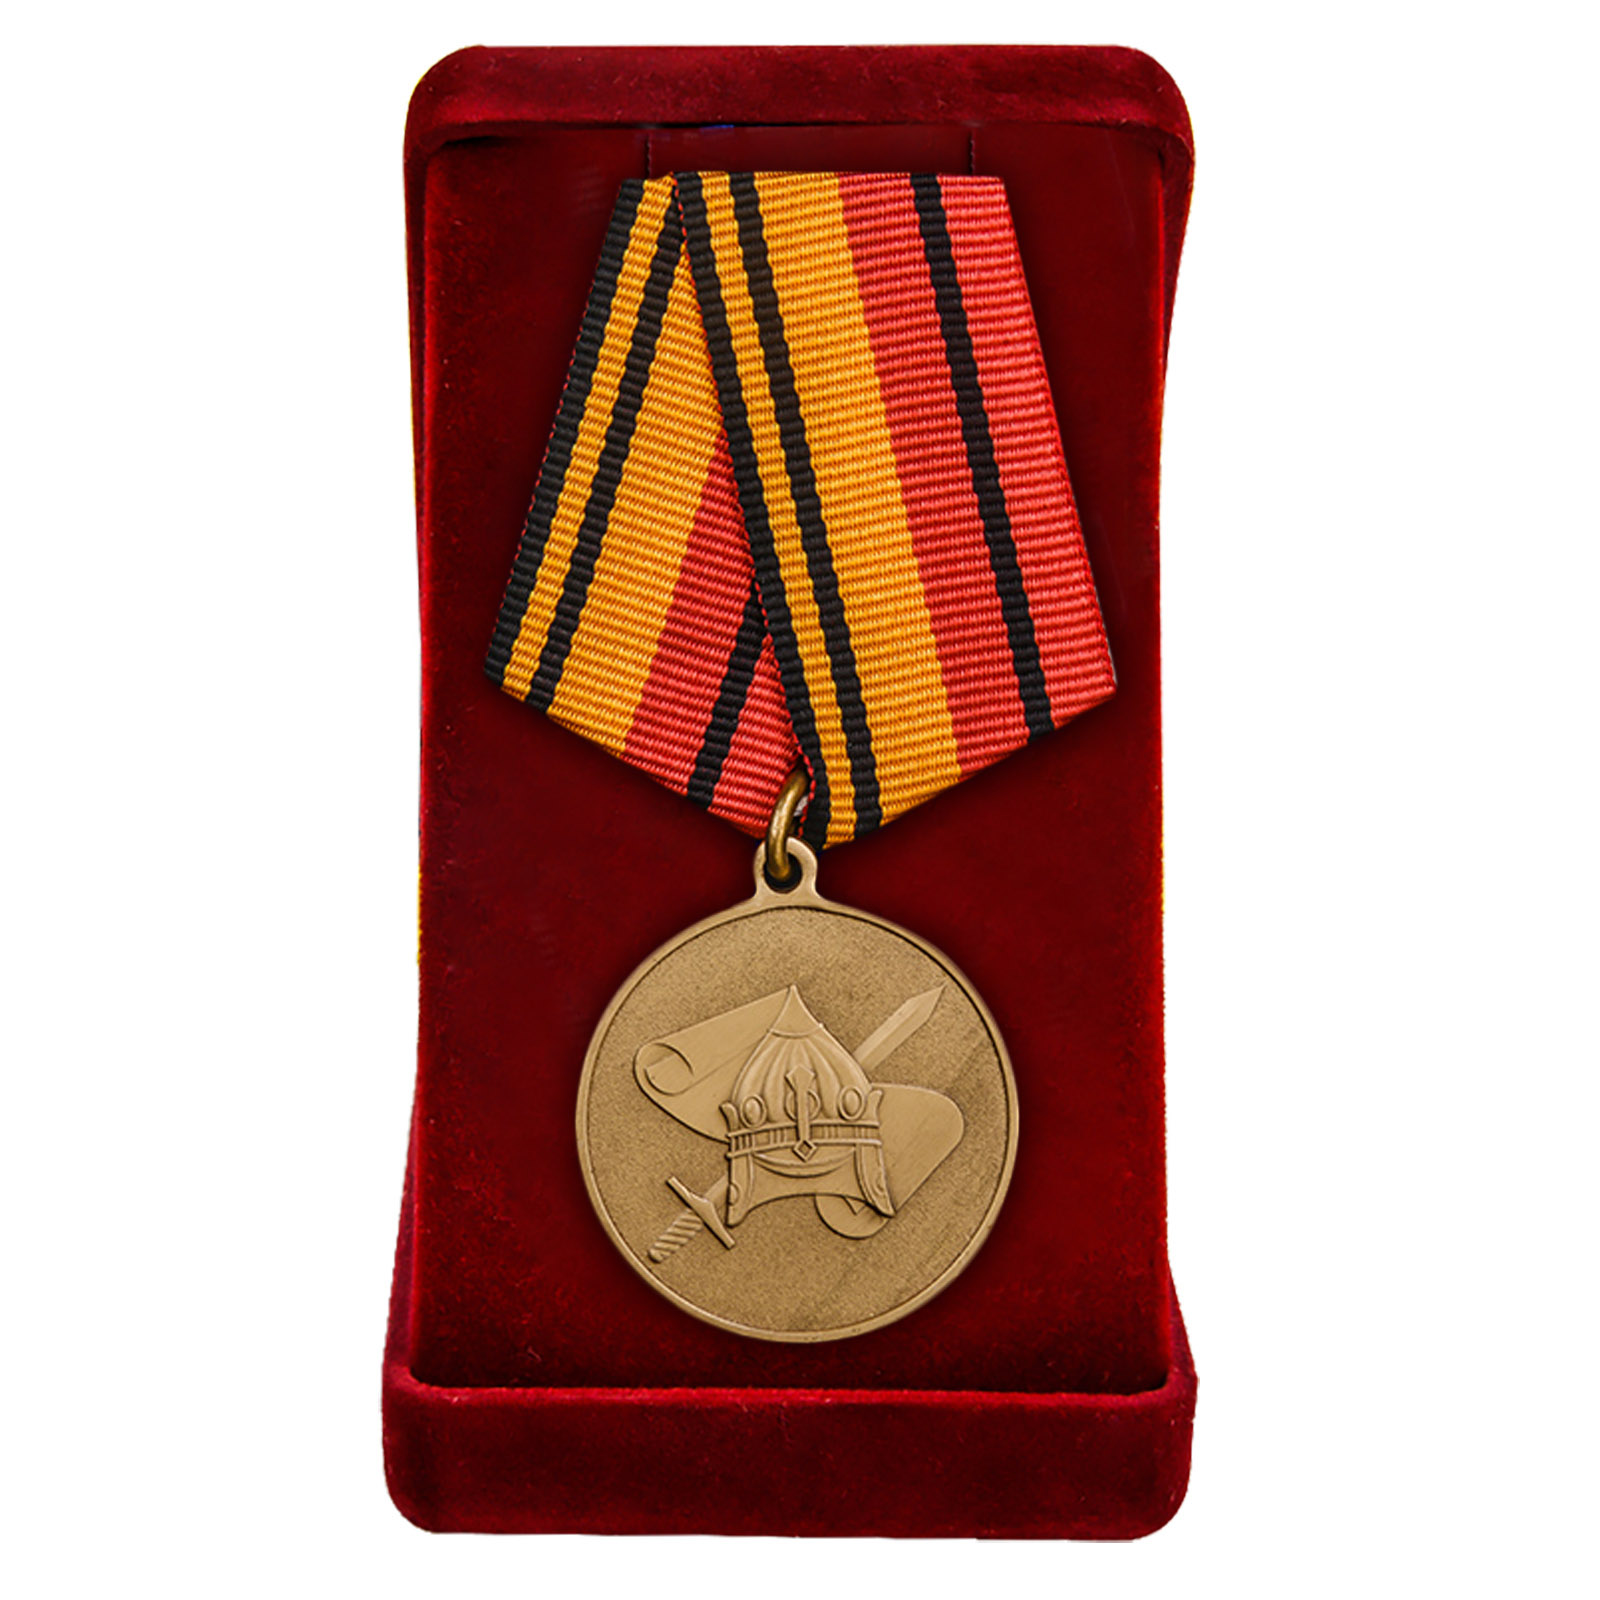 Купить медаль 200 лет Военно-научному комитету ВС России онлайн